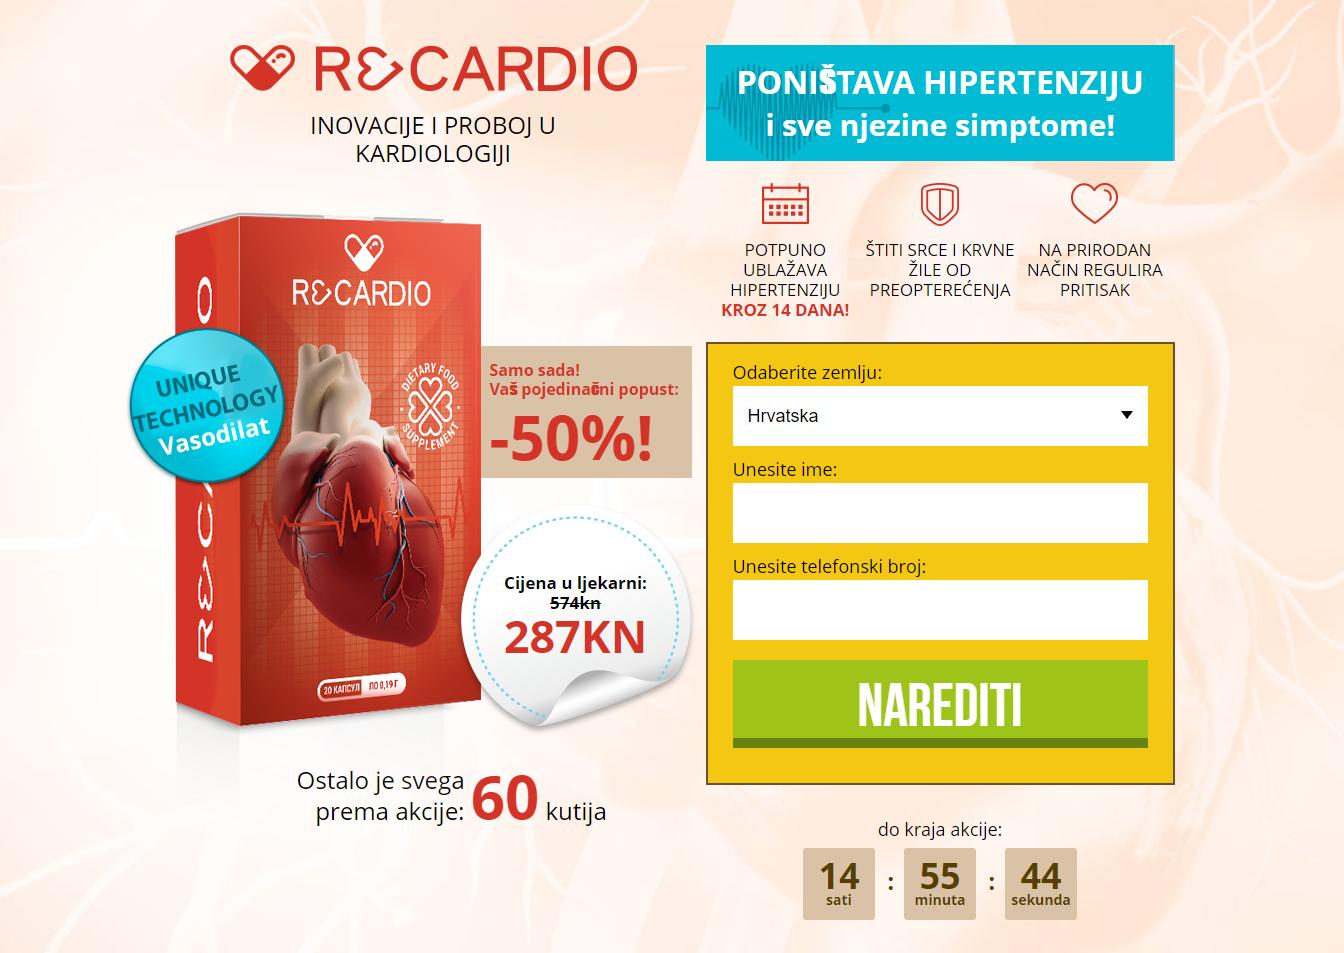 izbornik hipertenzija za tjedan dana dijabetes, visoki krvni tlak i angina